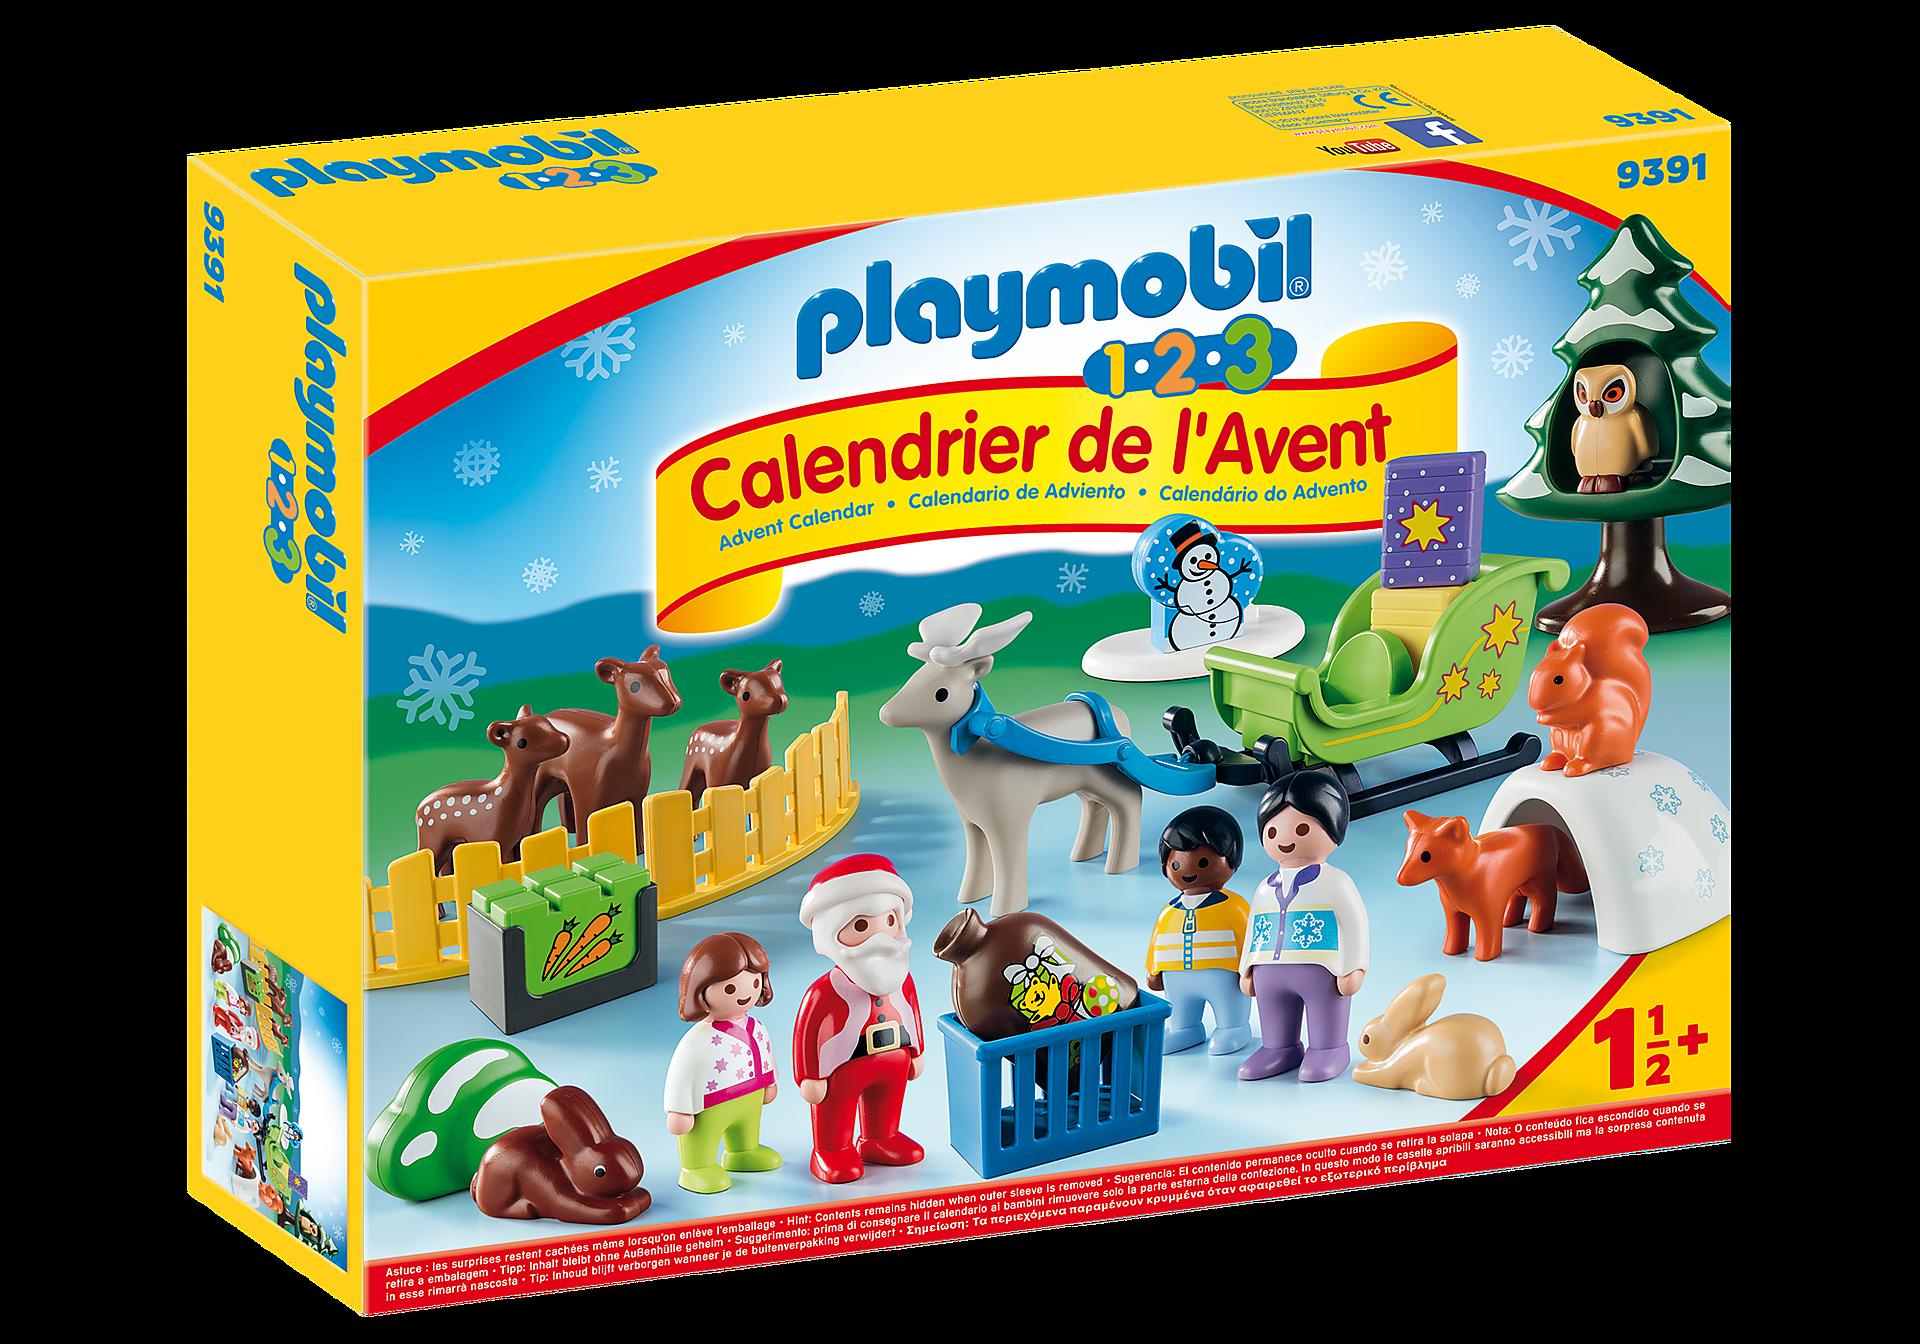 http://media.playmobil.com/i/playmobil/9391_product_box_front/Calendrier de l'Avent 1.2.3 'Père Noël et animaux de la forêt'